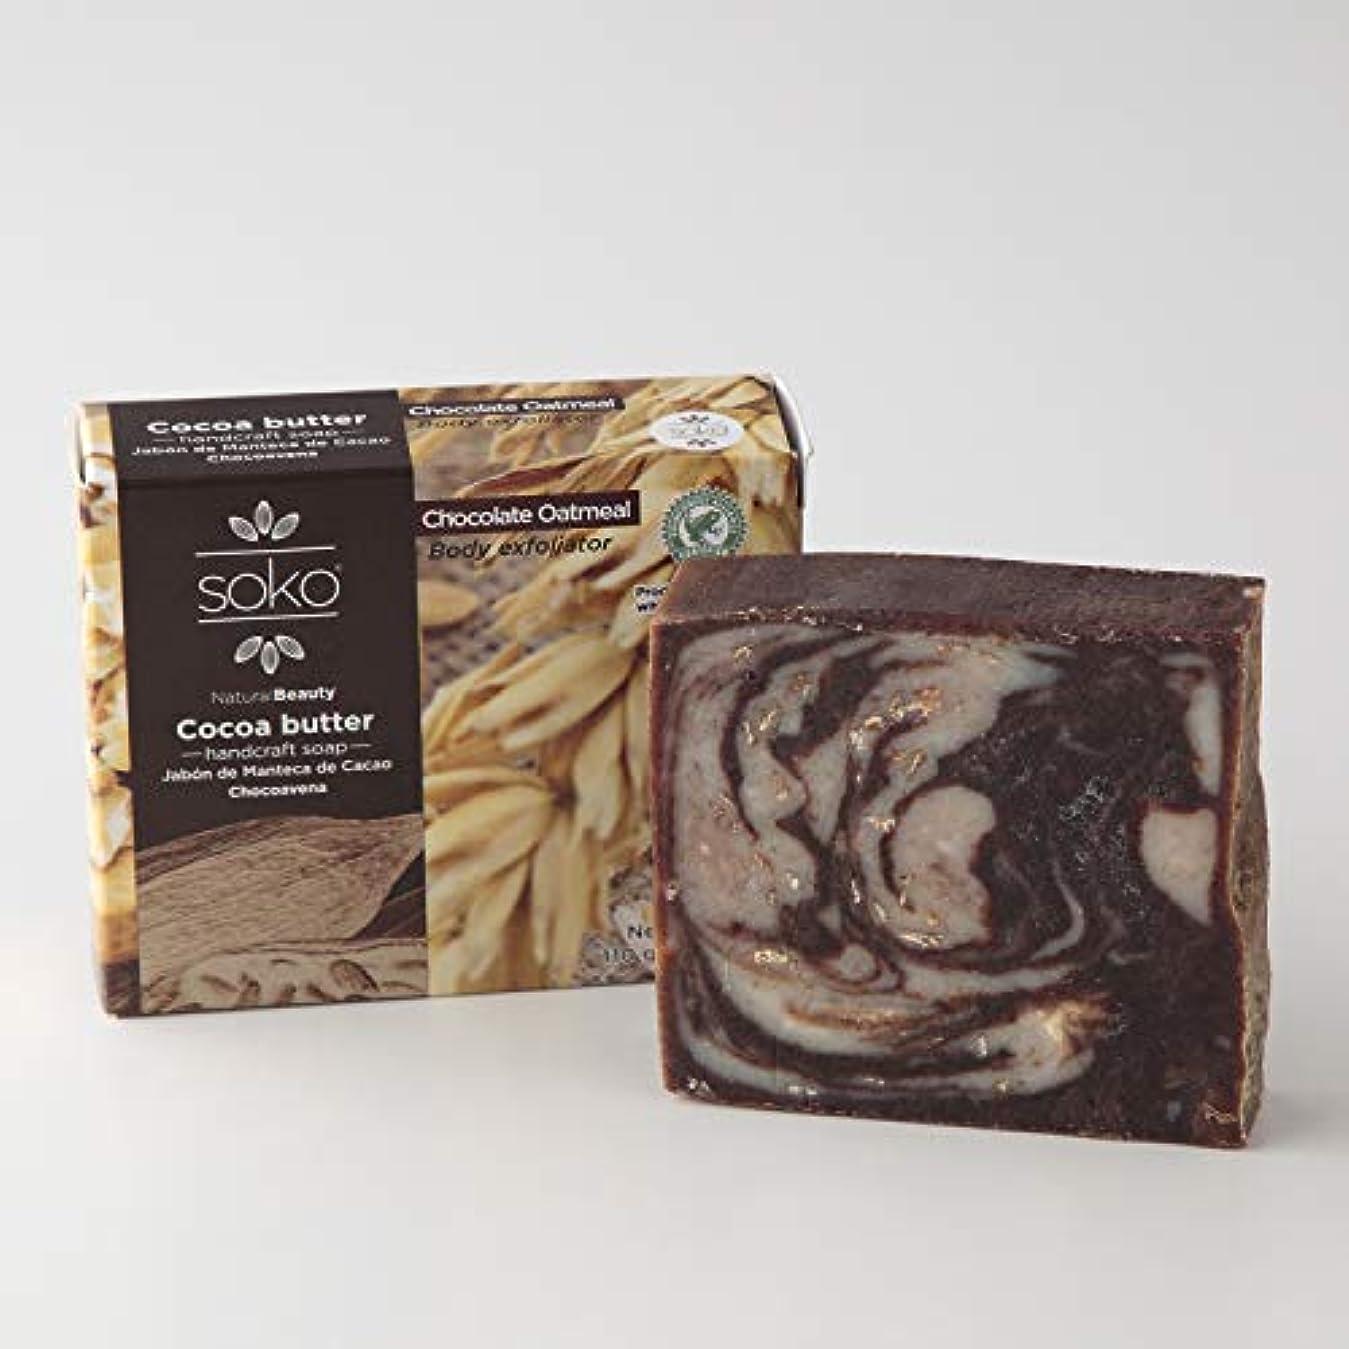 緊張序文納税者カカオバター ナチュラル石けん 110g チョコレート&オートミール 男性や脂性肌に